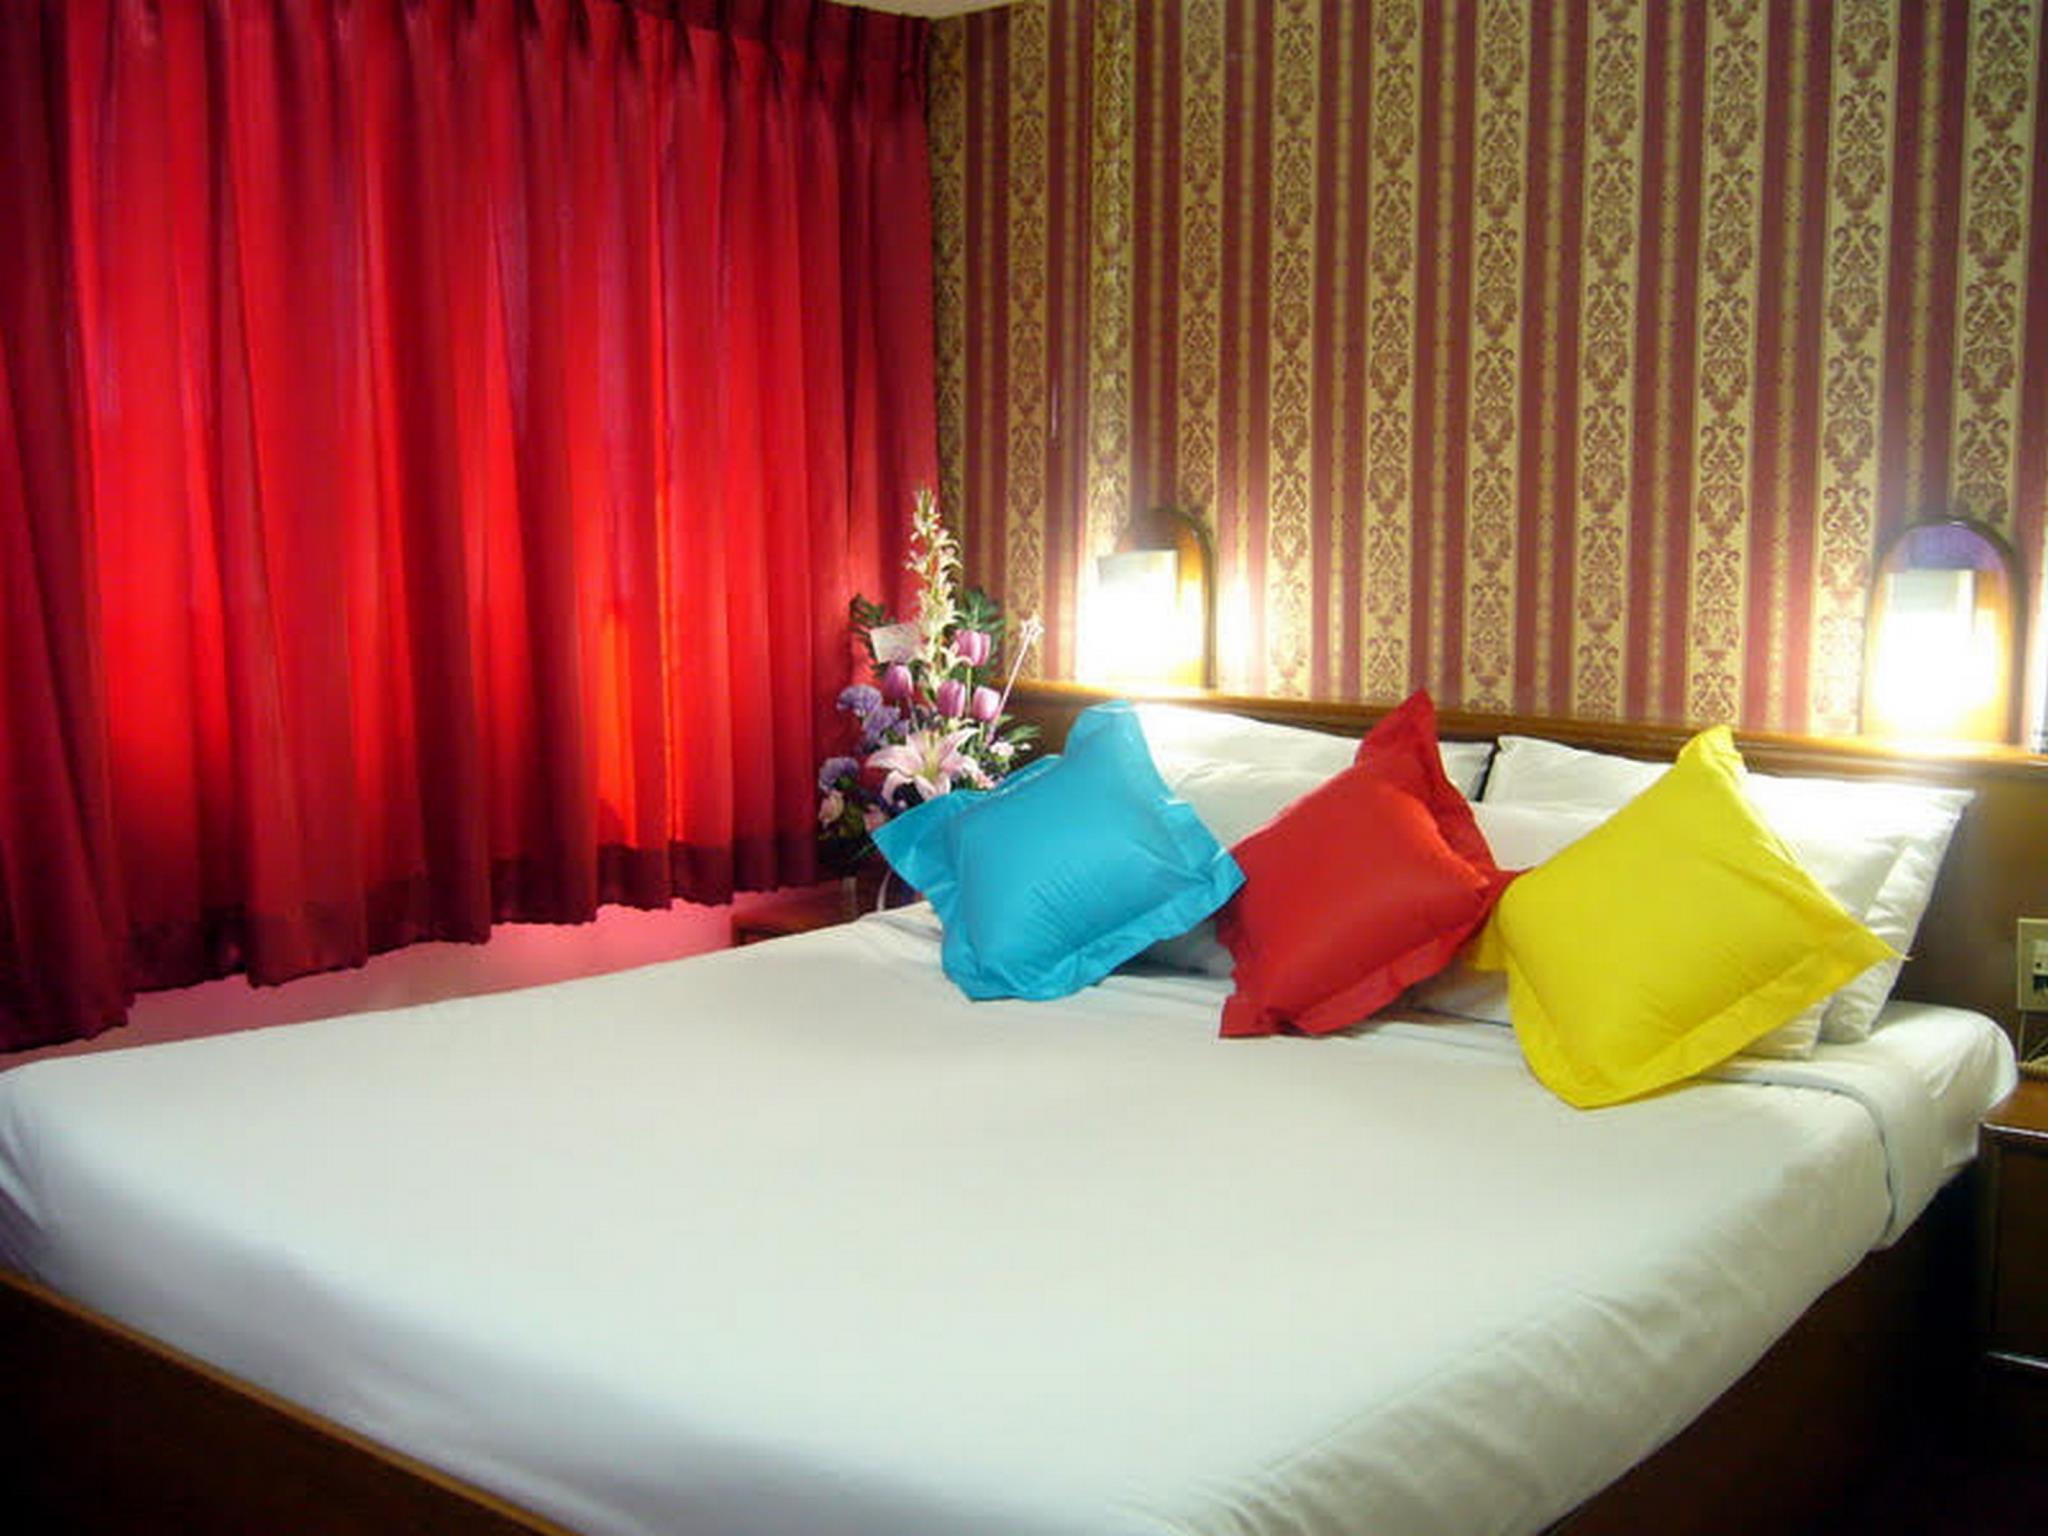 Sukhumvit 11 business inn by bunk สุขุมวิท 11 บิสซิเนส อินน์  บาย บังค์